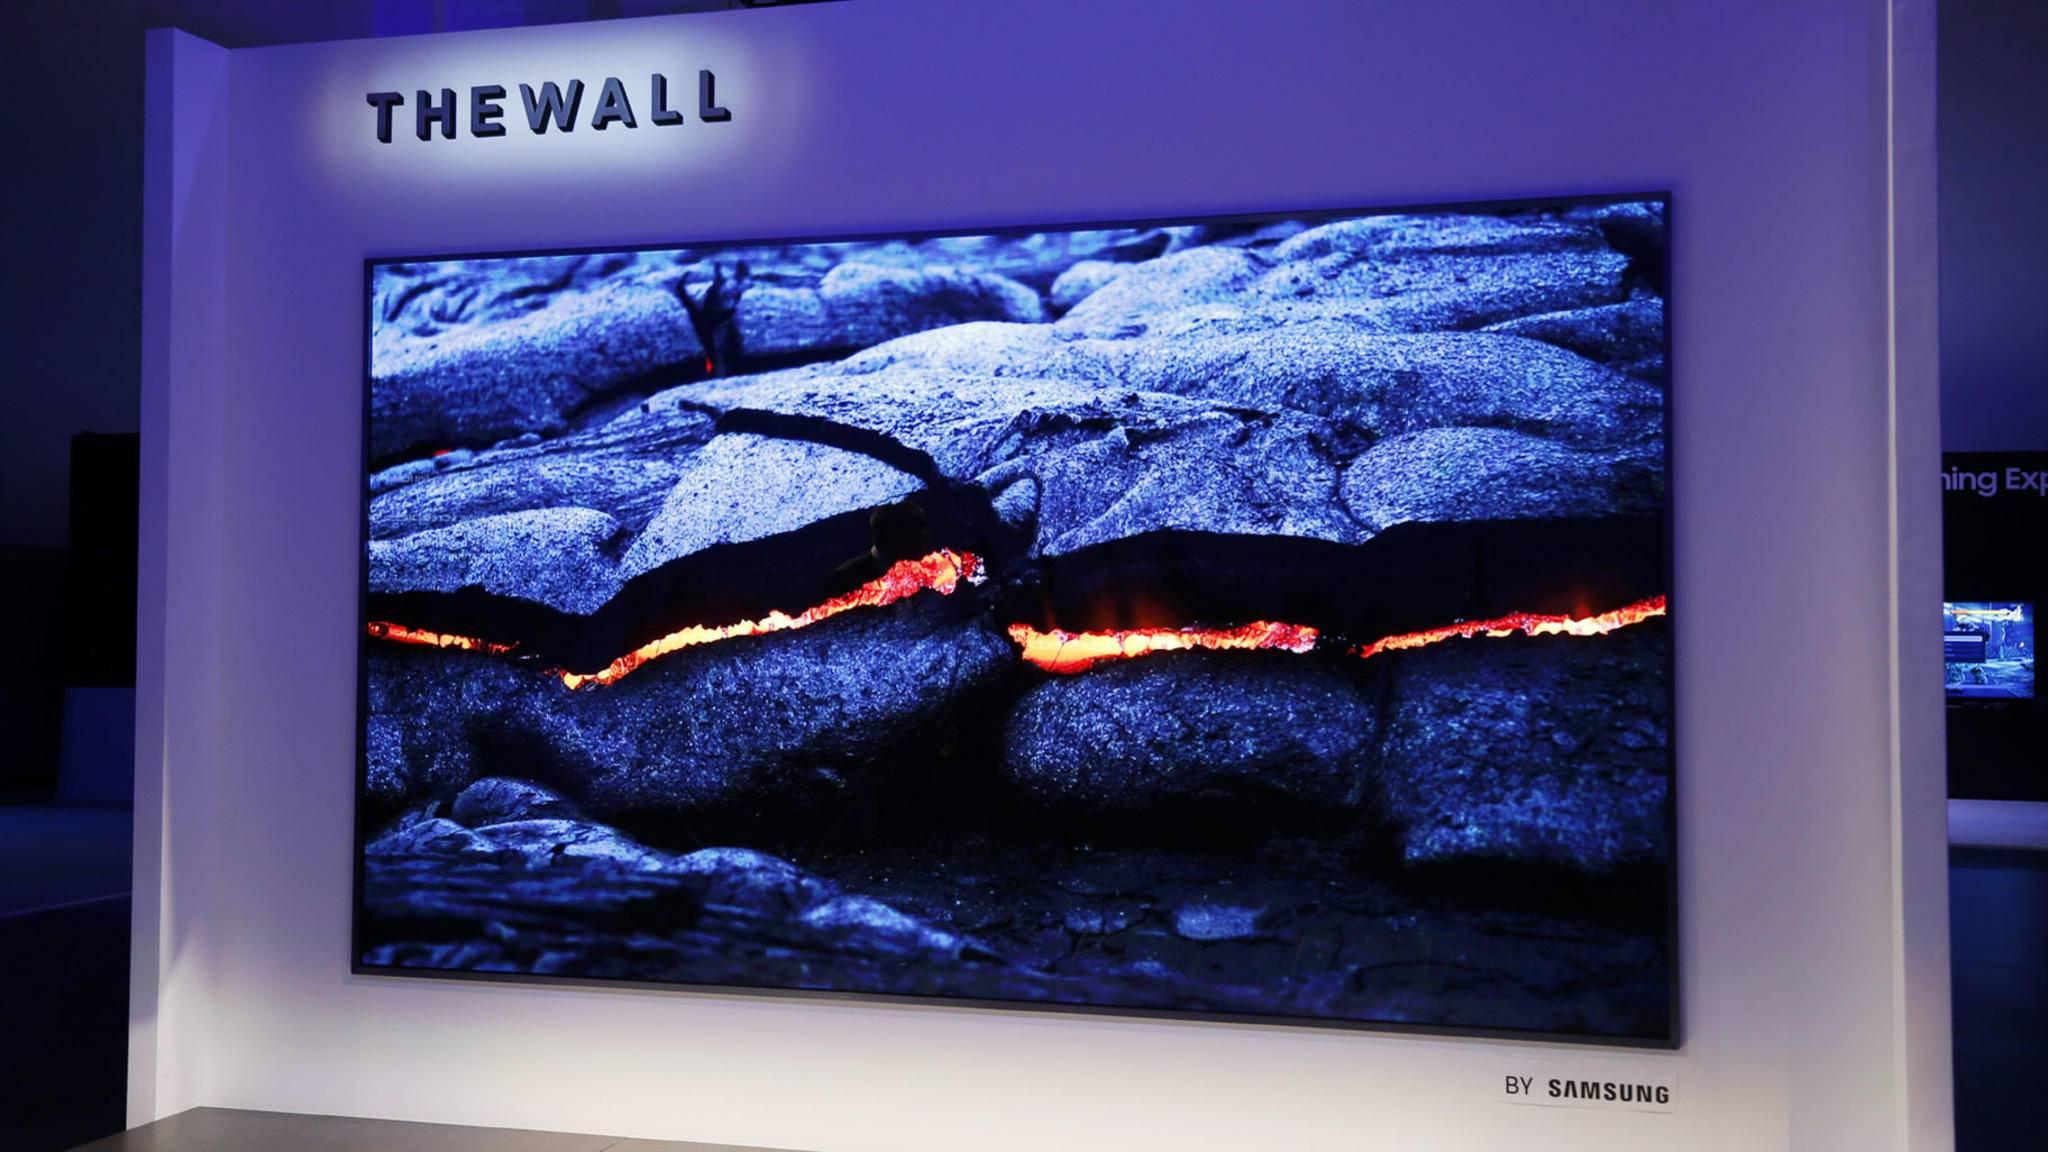 """Samsung präsentierte auf der CES 2018 den mächtigen Fernseher """"The Wall""""."""